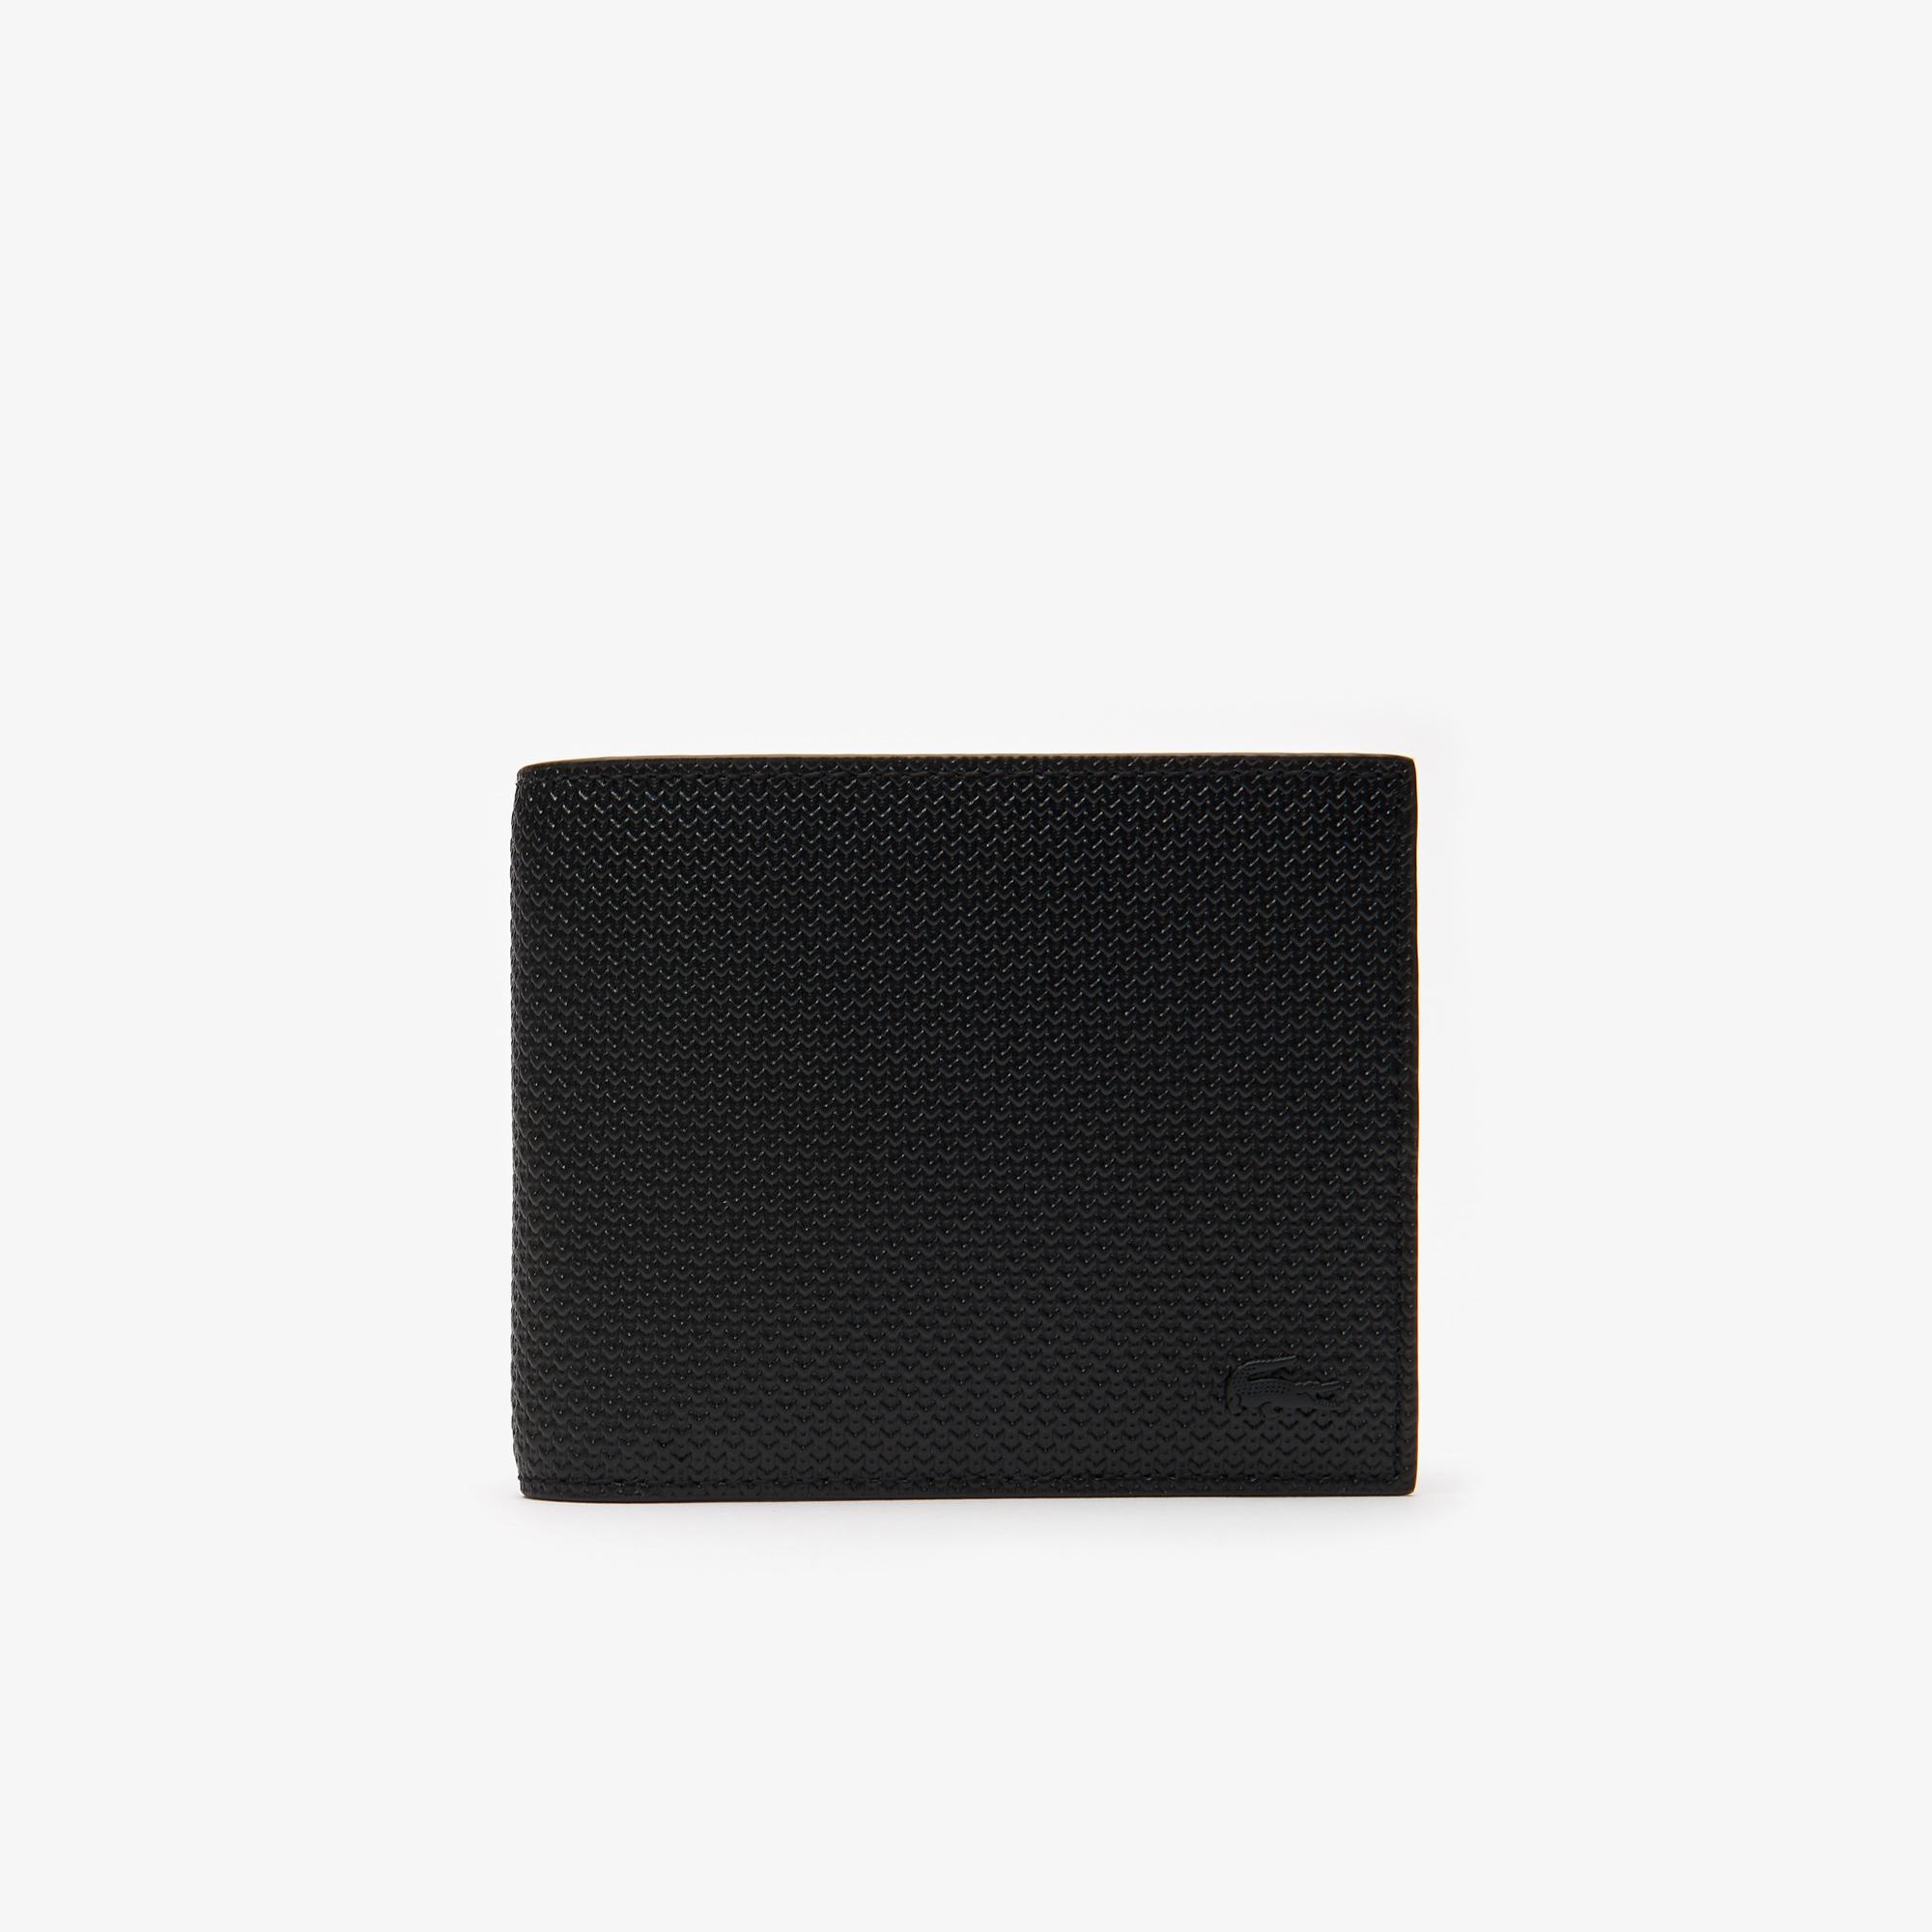 Lacoste Men's Chantaco Piqué Leather 8 Card Wallet